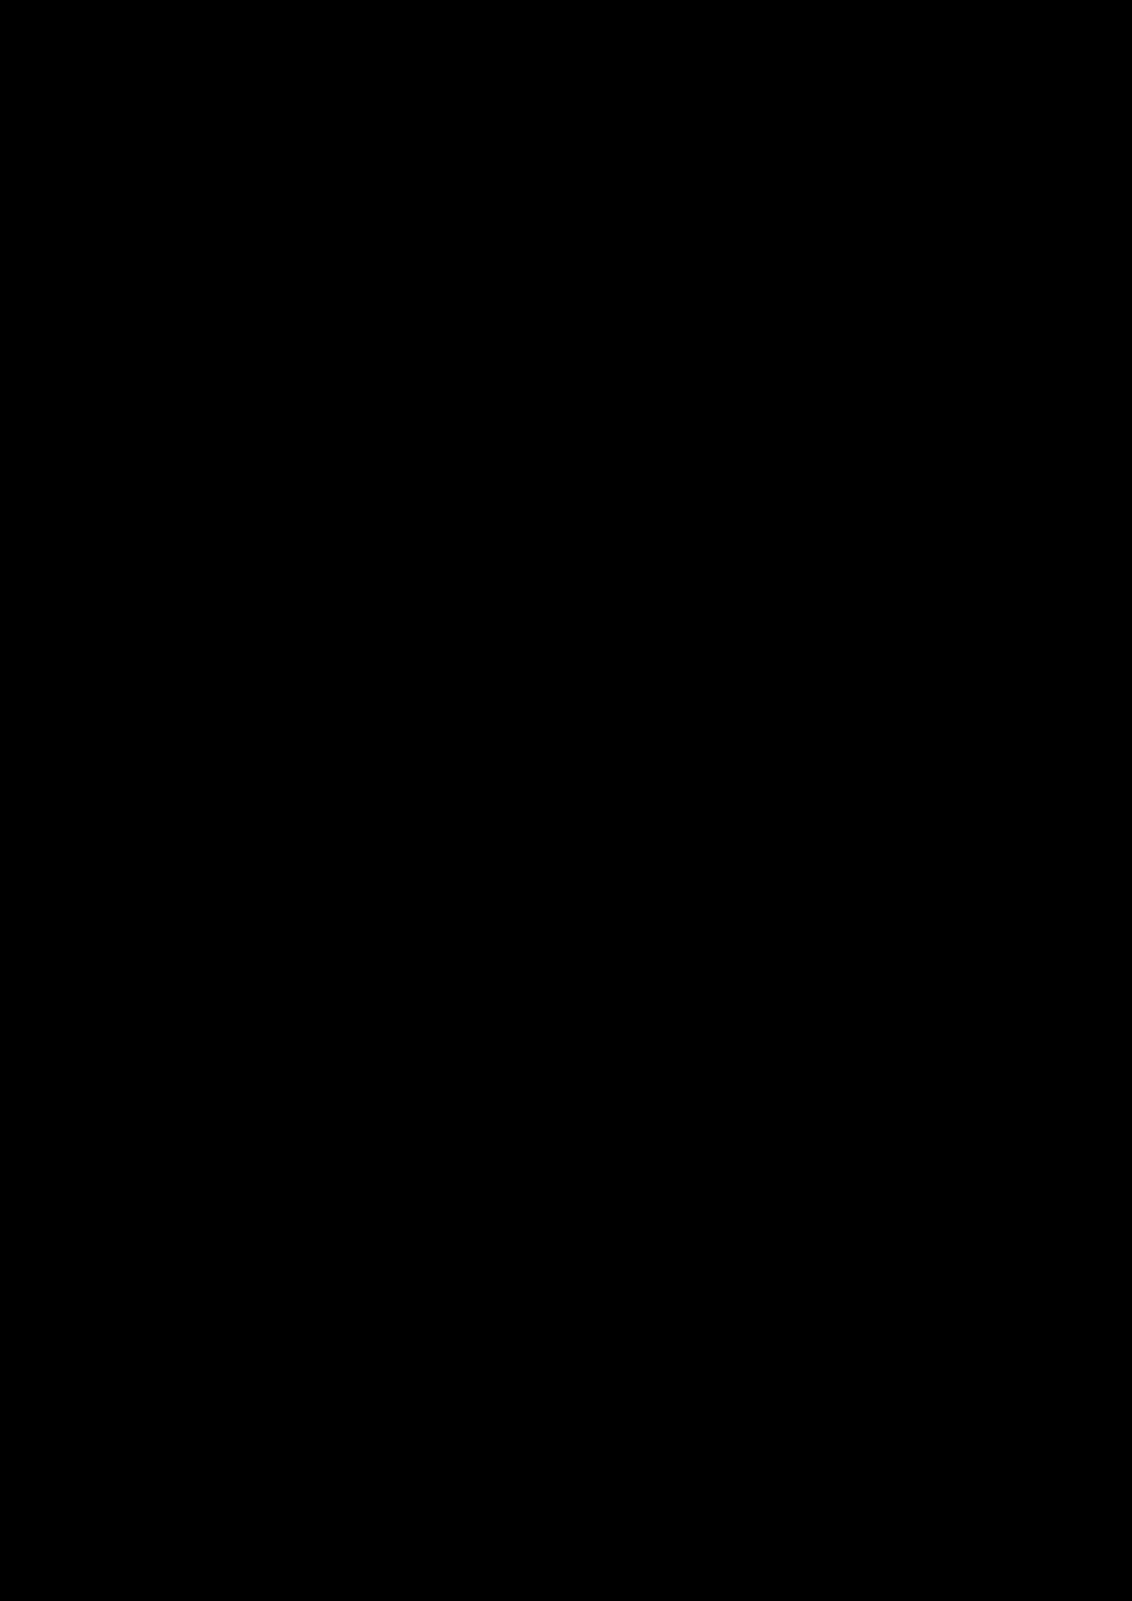 Zagadka volshebnoy stranyi slide, Image 75